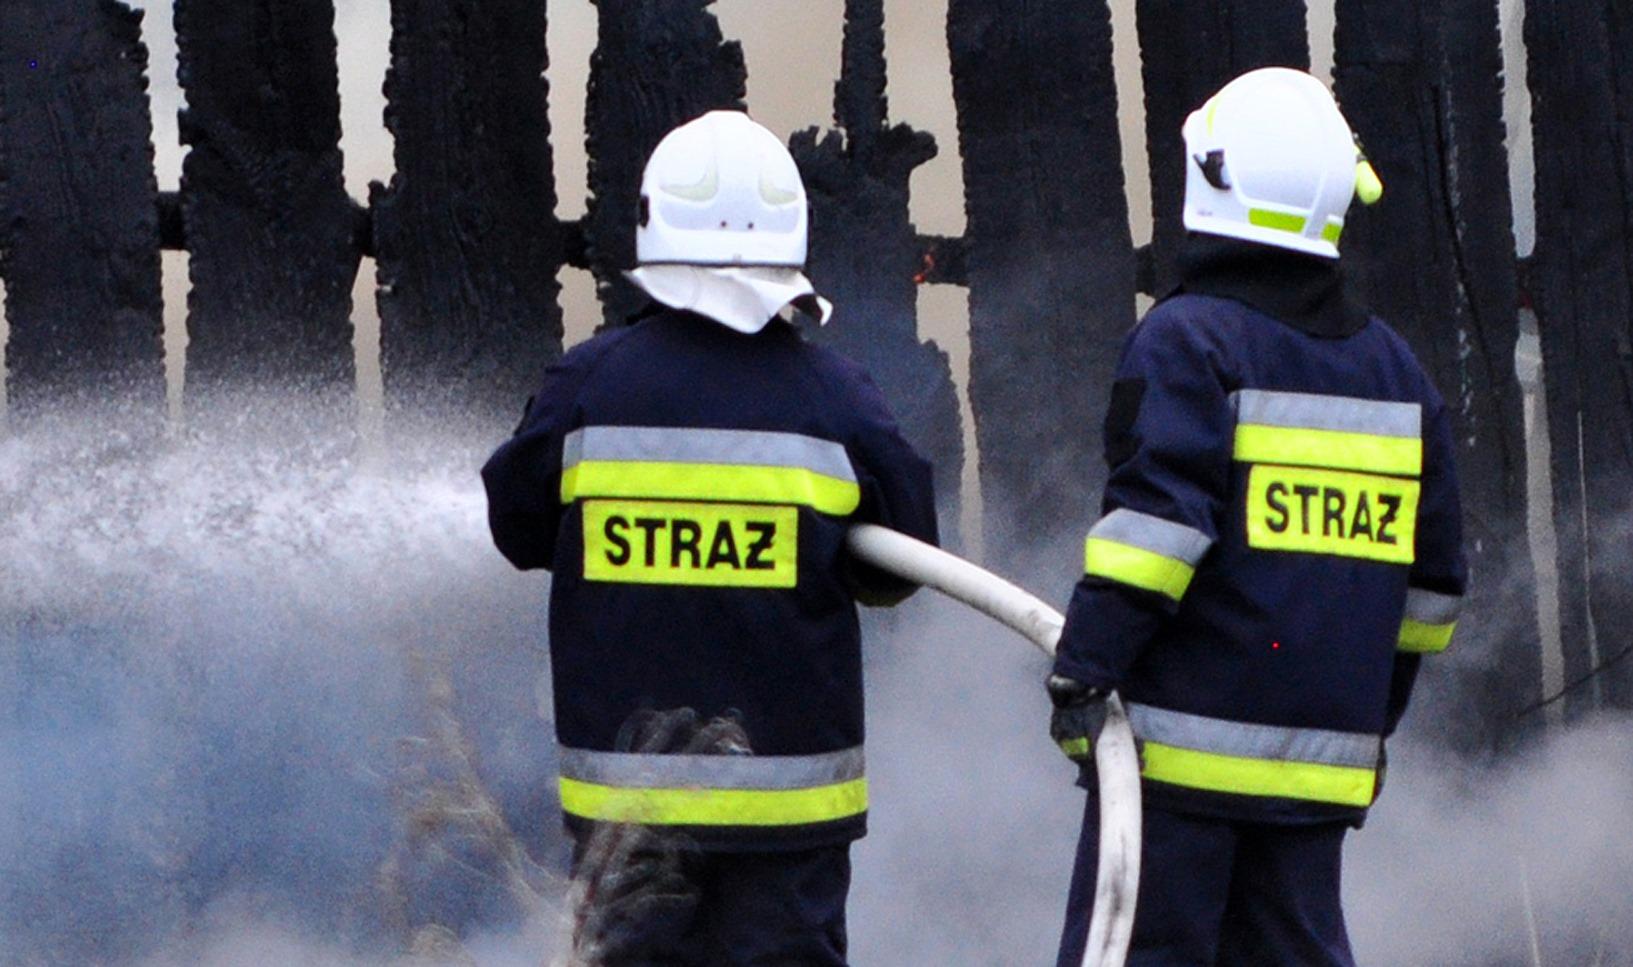 Pożar drewnianego domu. 6 zastępów straży walczyło z ogniem - Zdjęcie główne